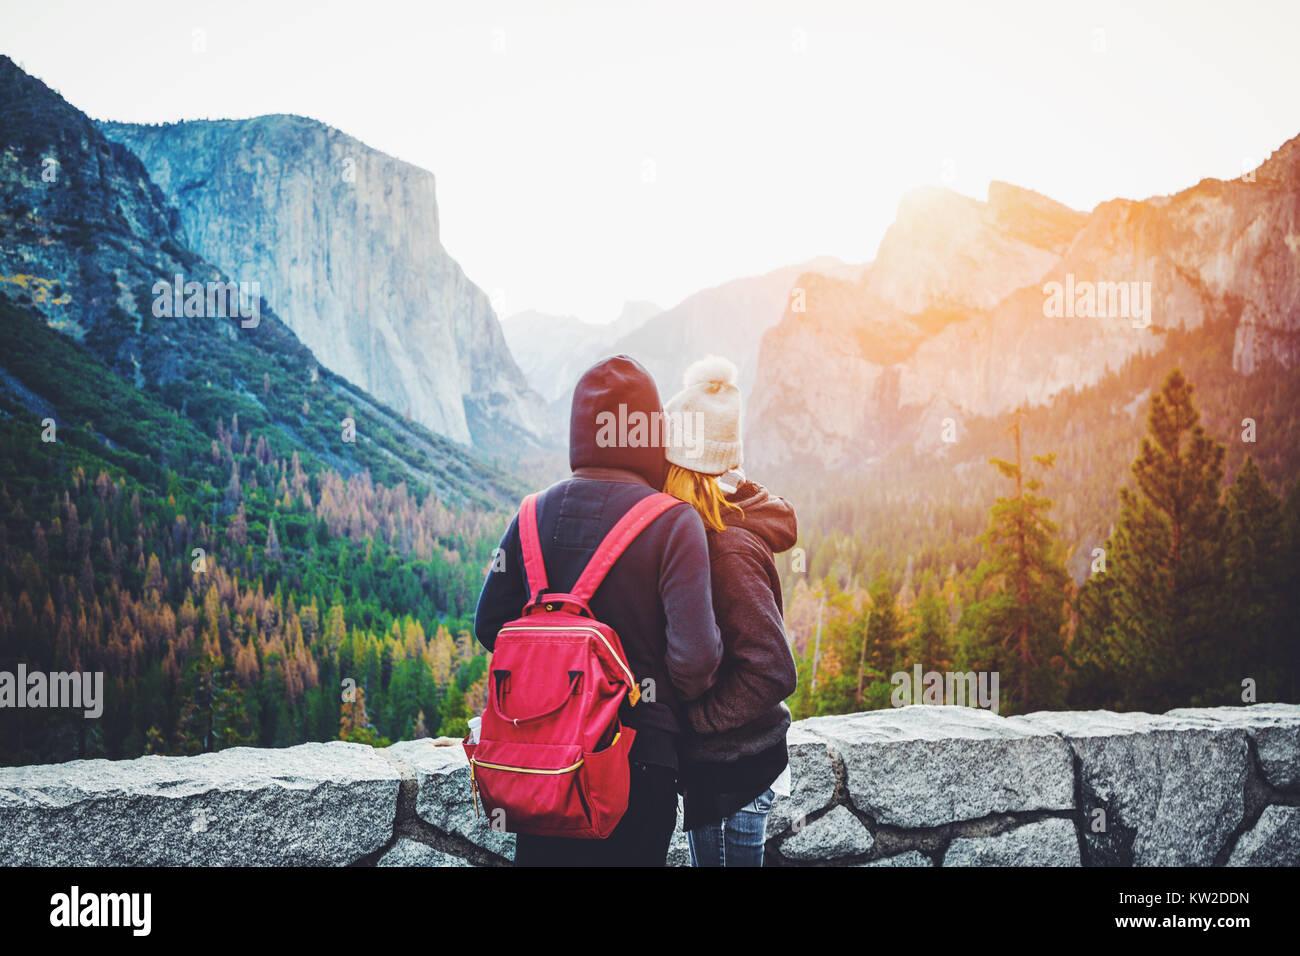 Vista romántica de una pareja joven, disfrutando de la famosa vista de túnel en la luz de la mañana Imagen De Stock